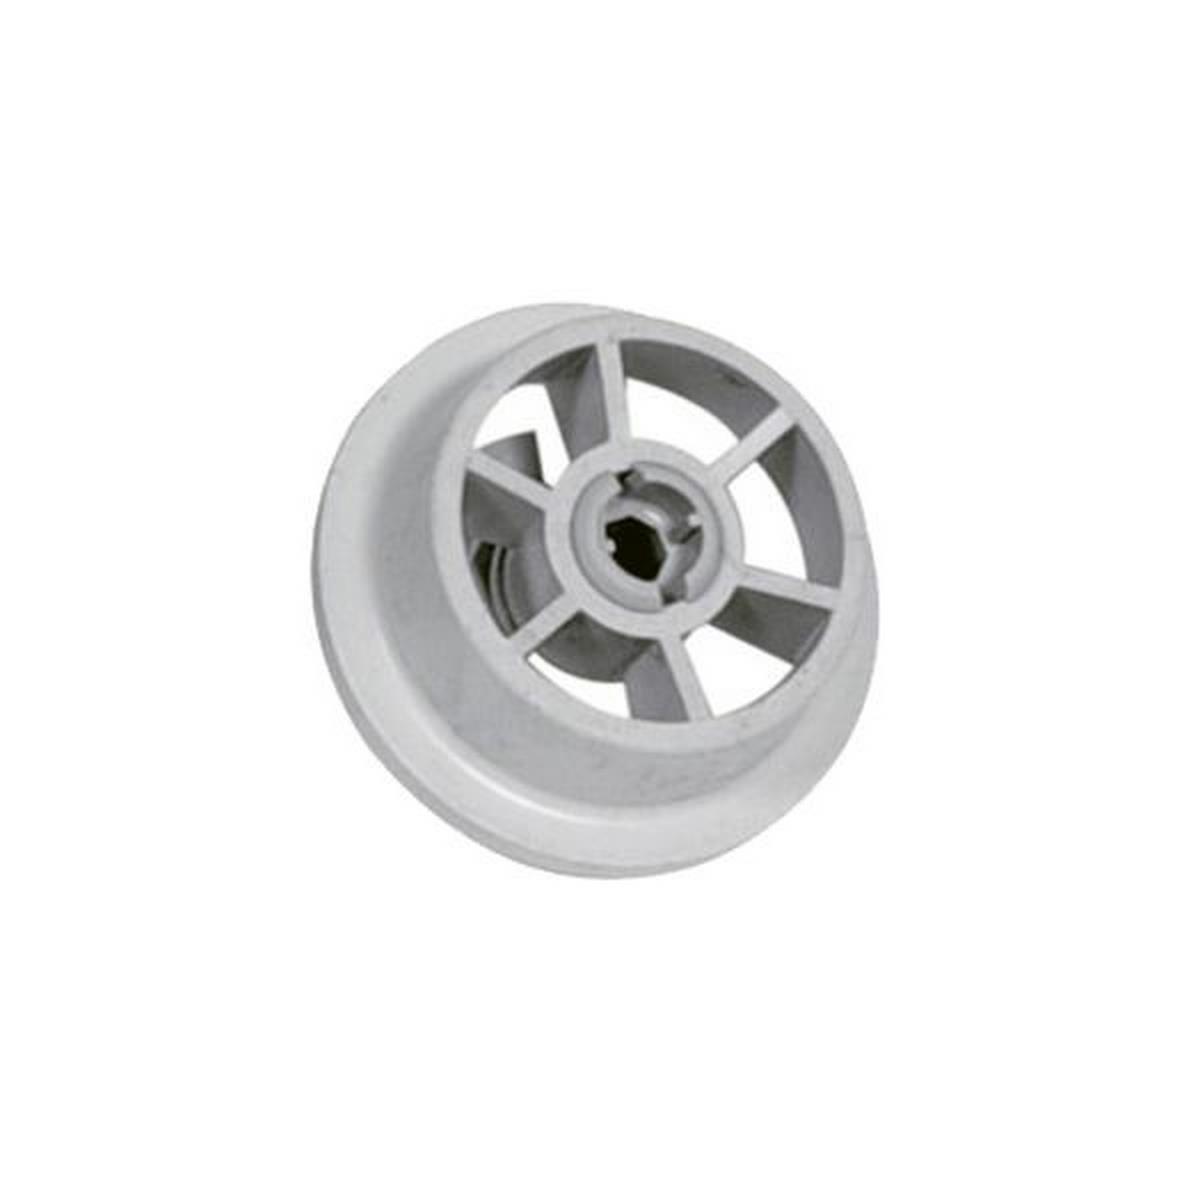 Roulette cesta inferior (x1) - lavavajilla - Bauknecht, Beko ...